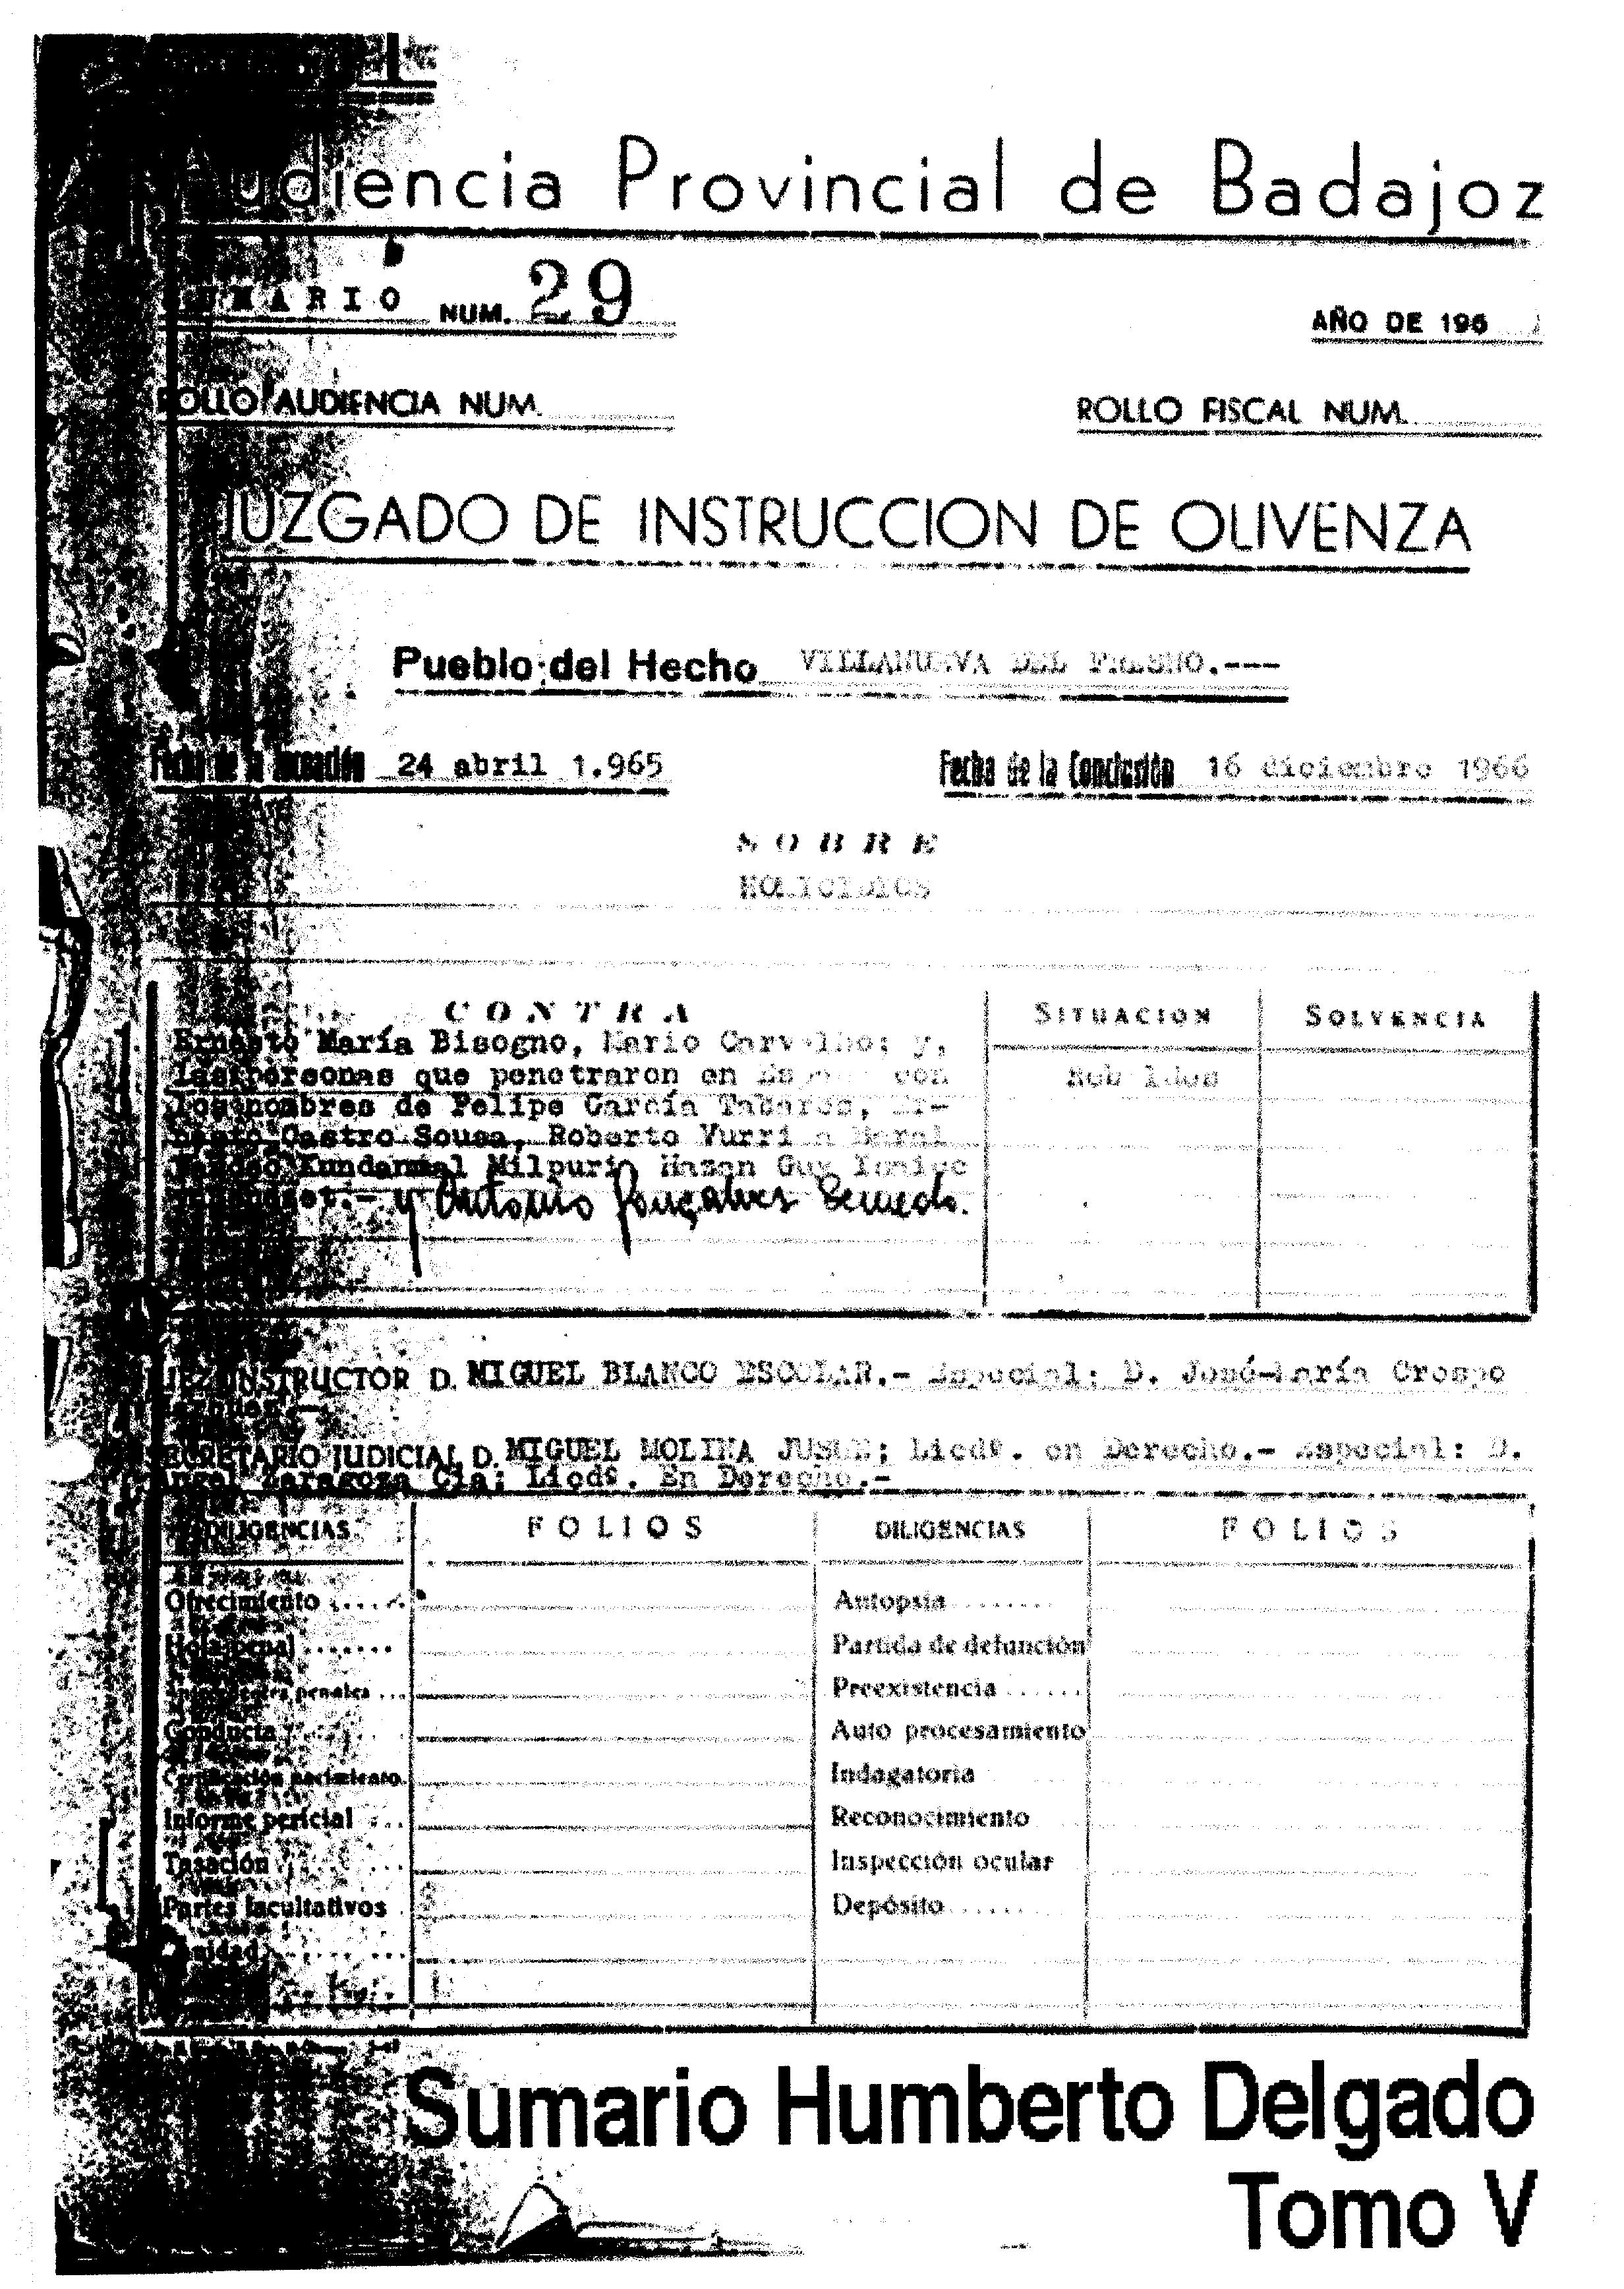 04301.002- pag.1